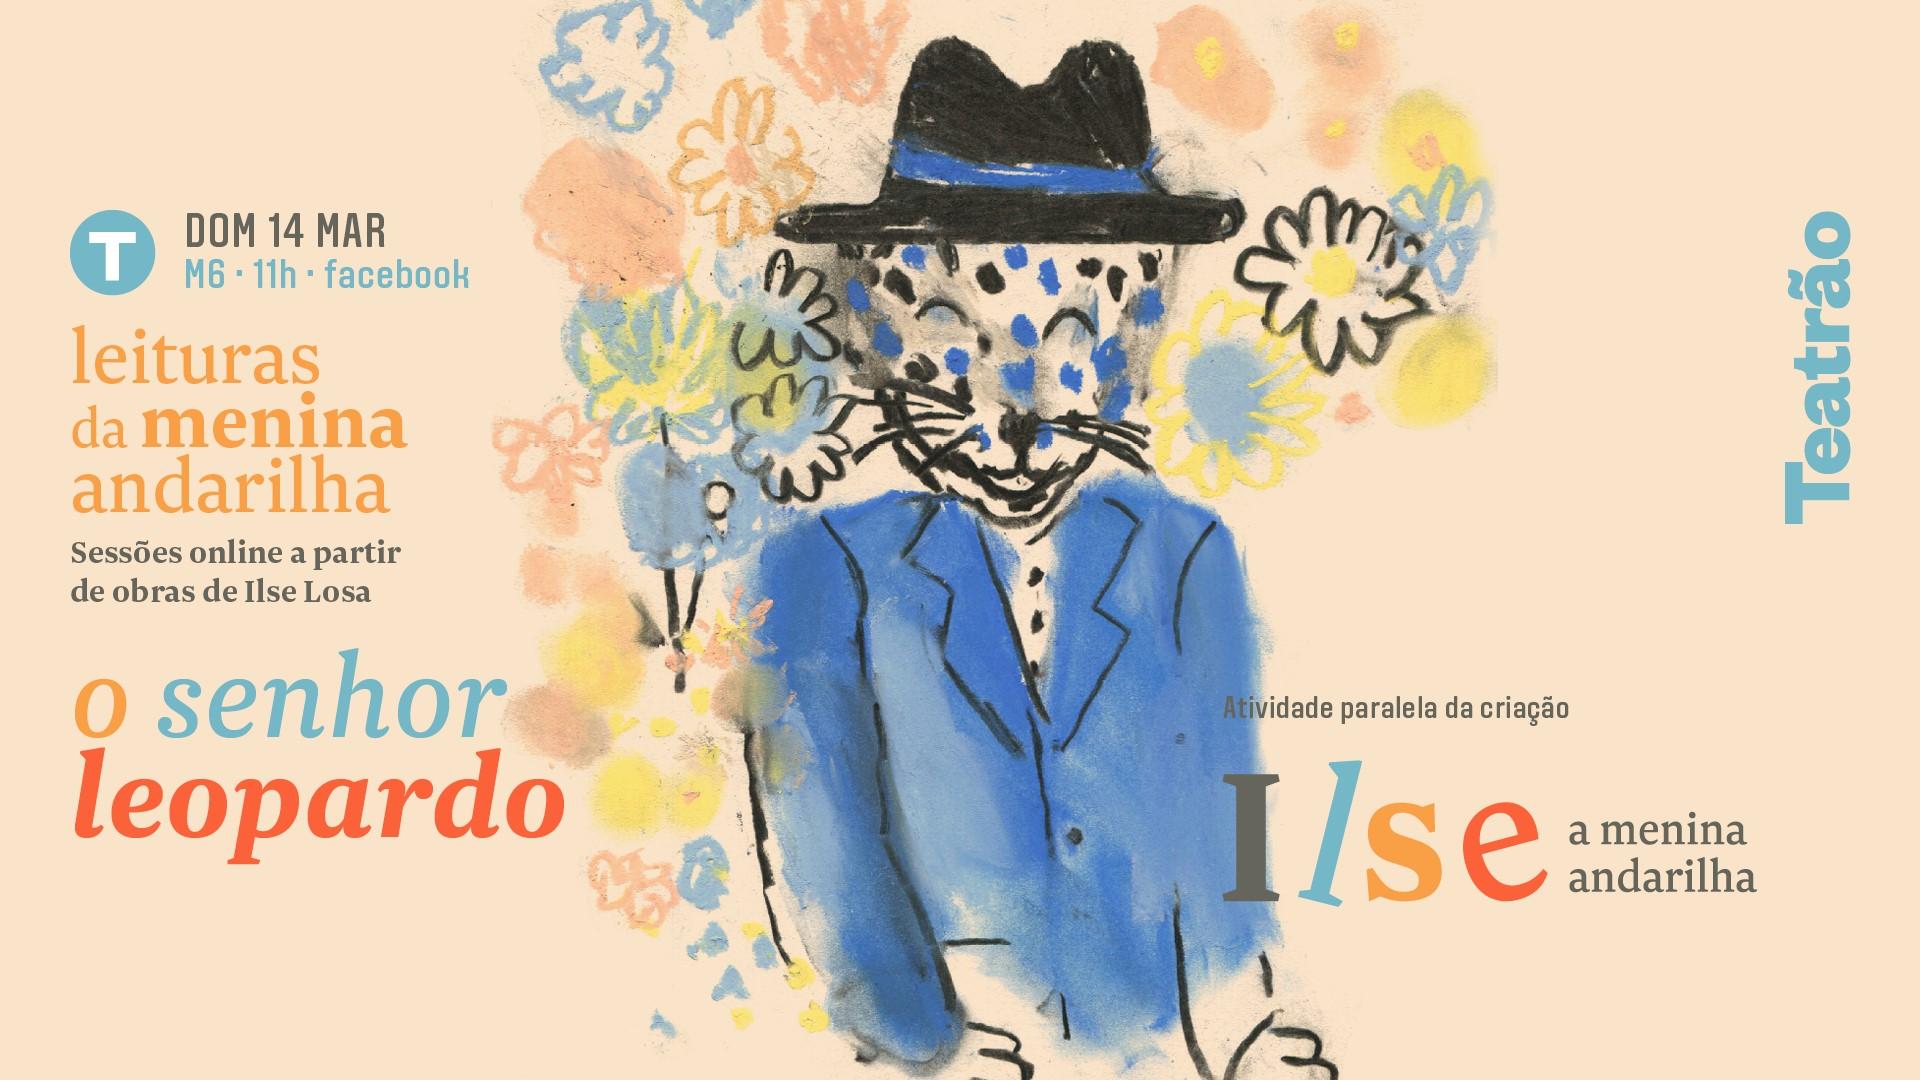 Leituras da Menina Andarilha: O Senhor Leopardo